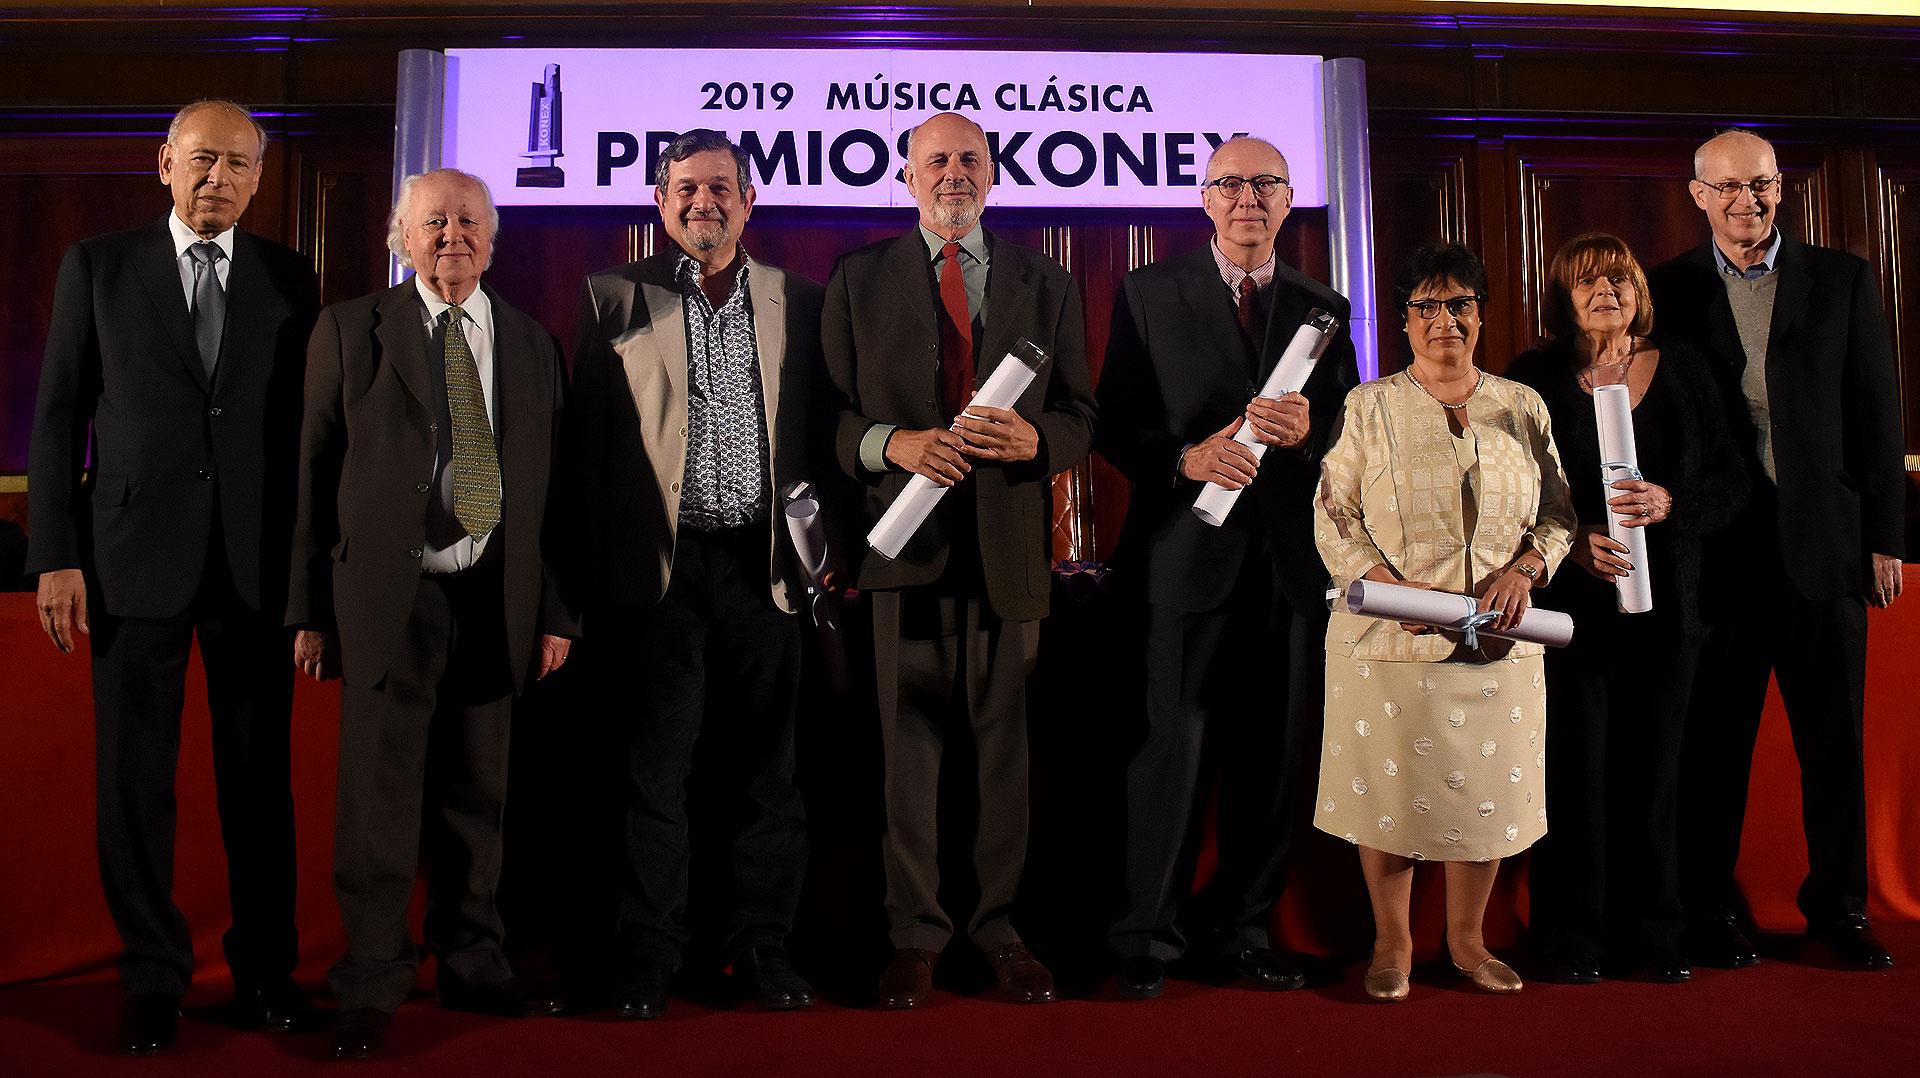 Los premiados en la terna de musicólogo, Enrique Landa, Omar Corrado, Fátima Graciela Musri, Irma Ruiz y Leonardo Waisman